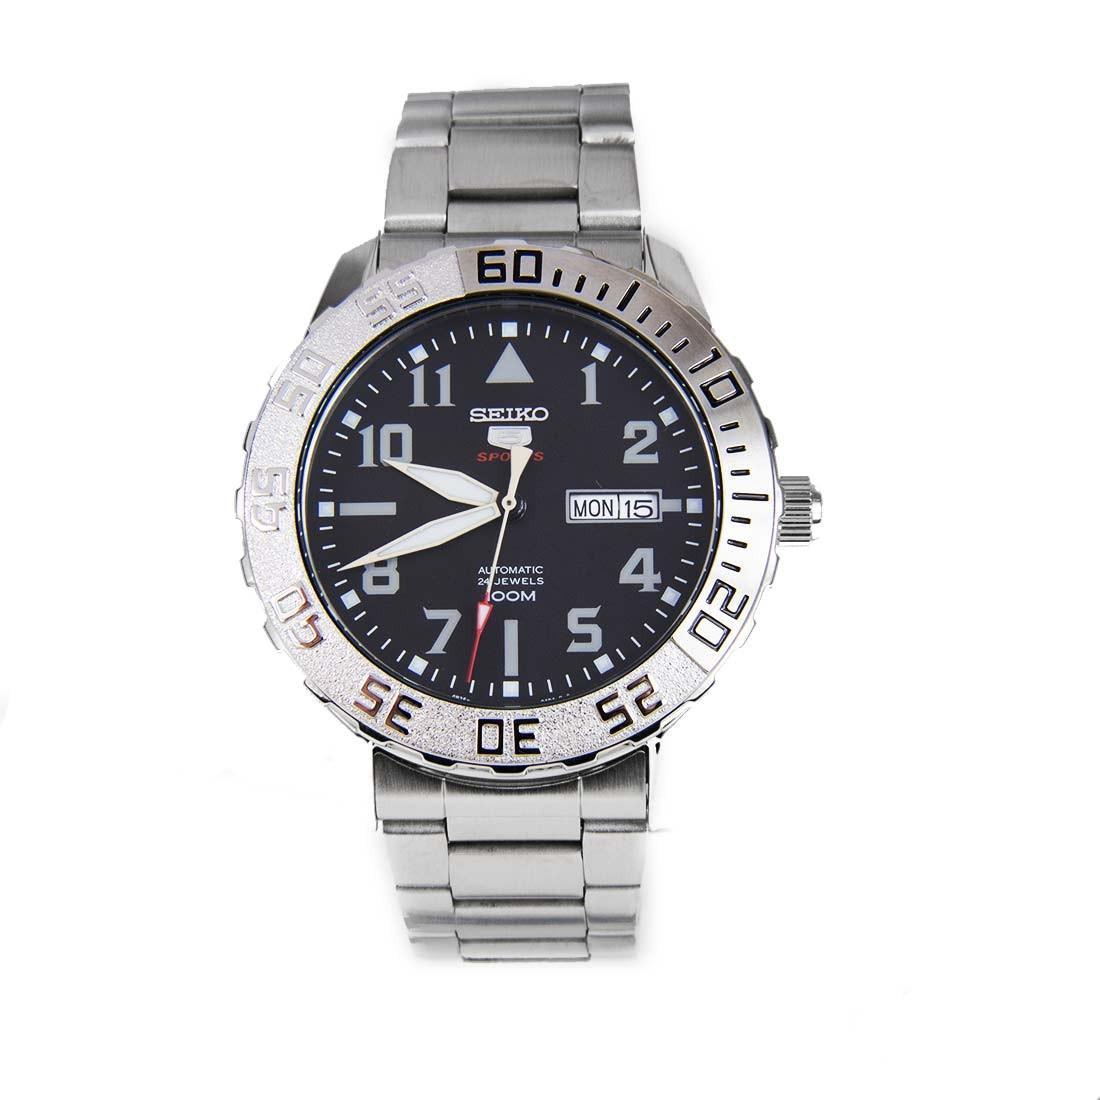 นาฬิกาผู้ชาย SEIKO Sports รุ่น SRP755K1 Automatic Man's Watch